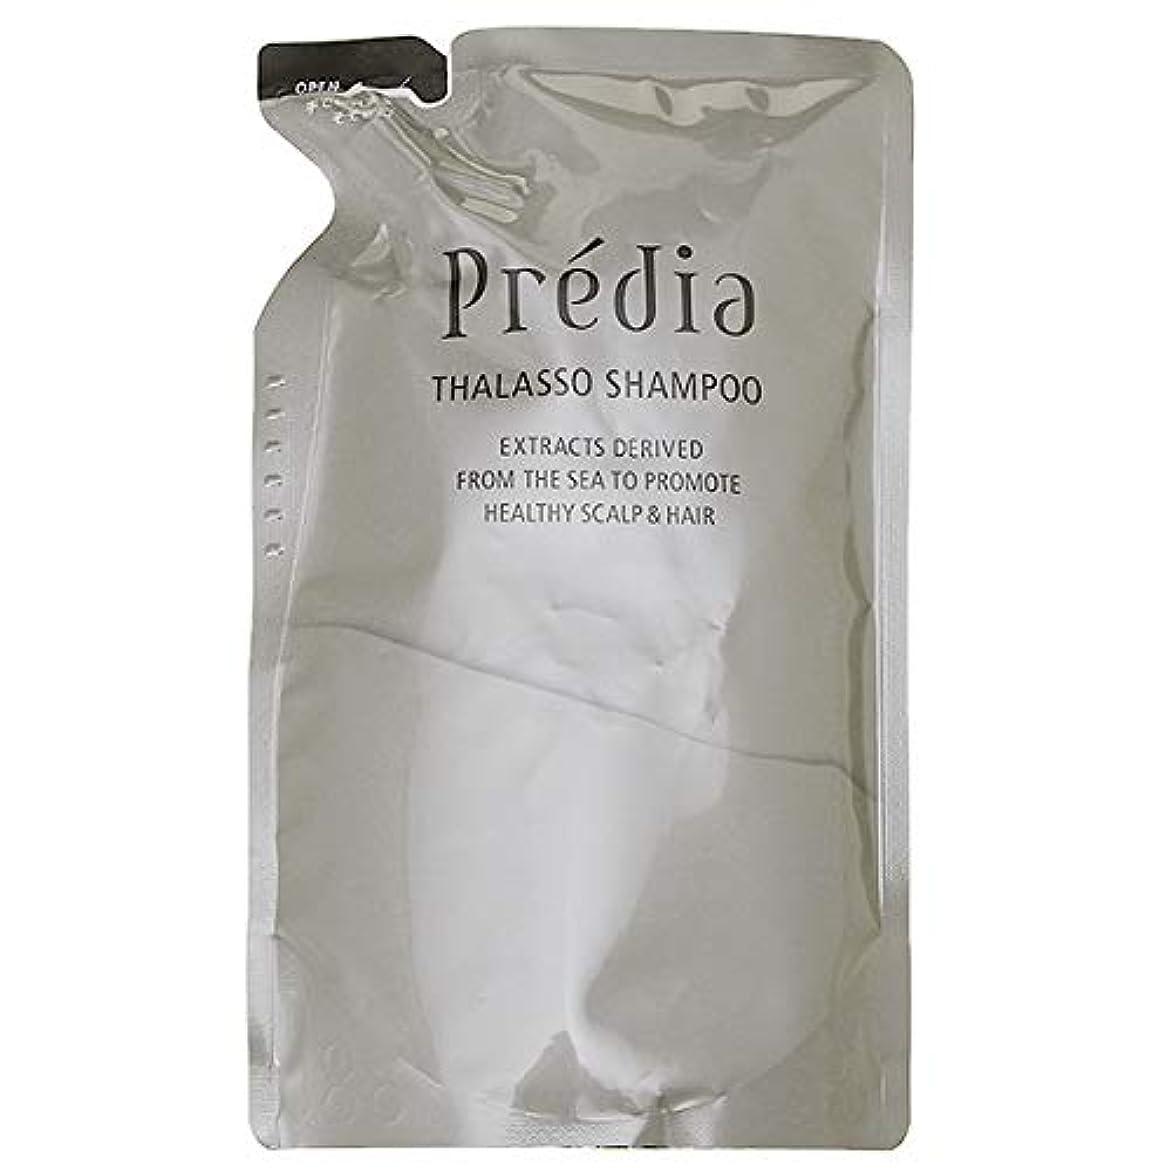 コーセー プレディア Predia タラソ シャンプー n レフィル 500mL